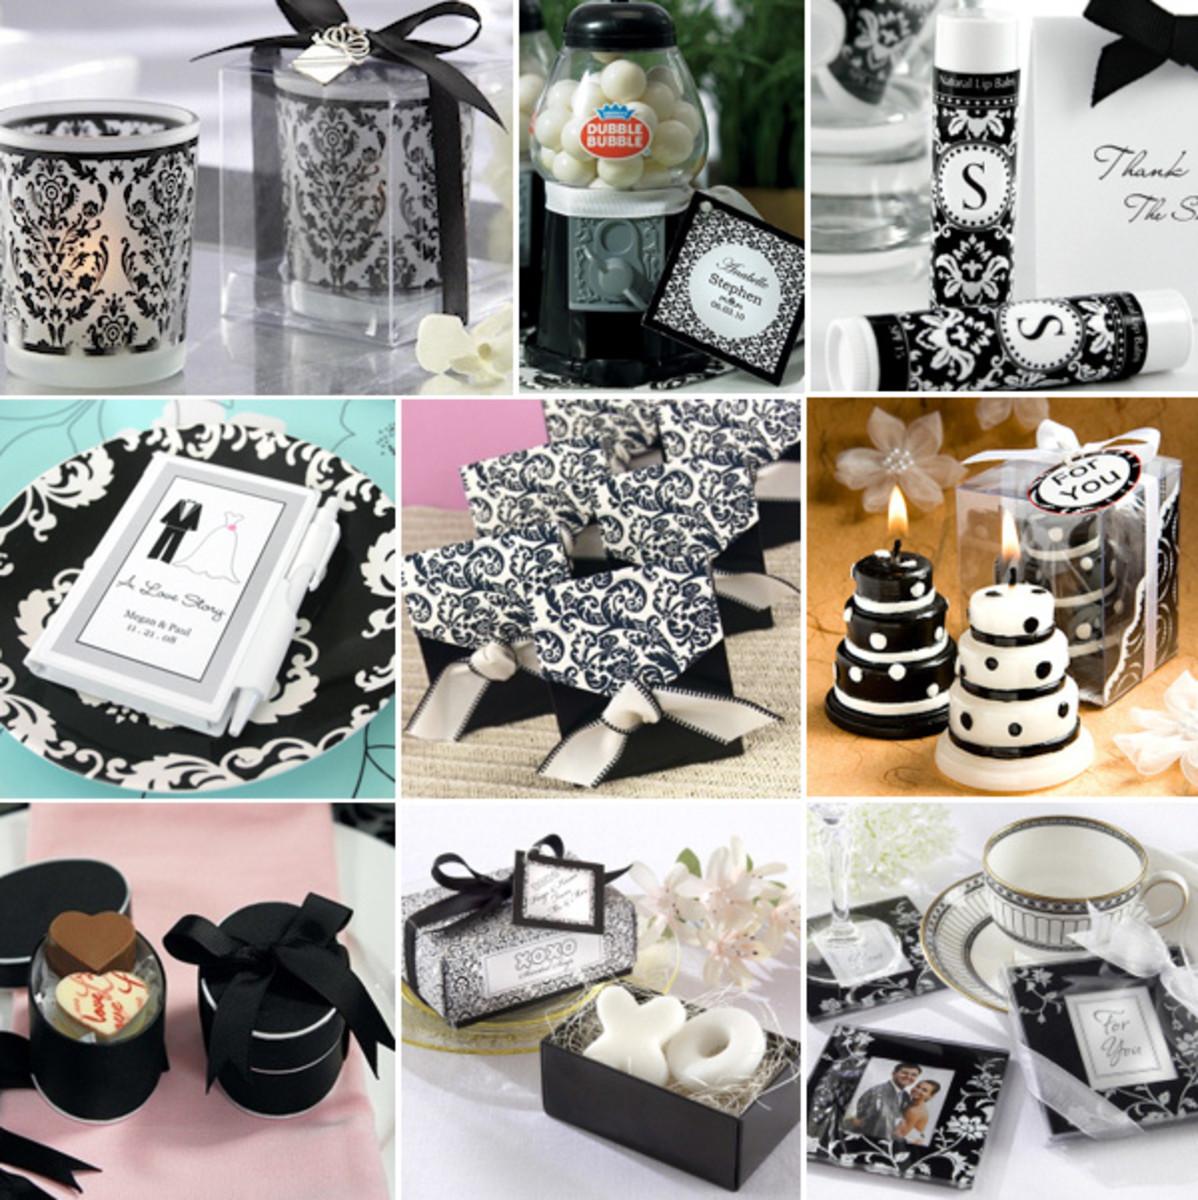 White And Black Wedding Ideas: Black & White Wedding Ideas